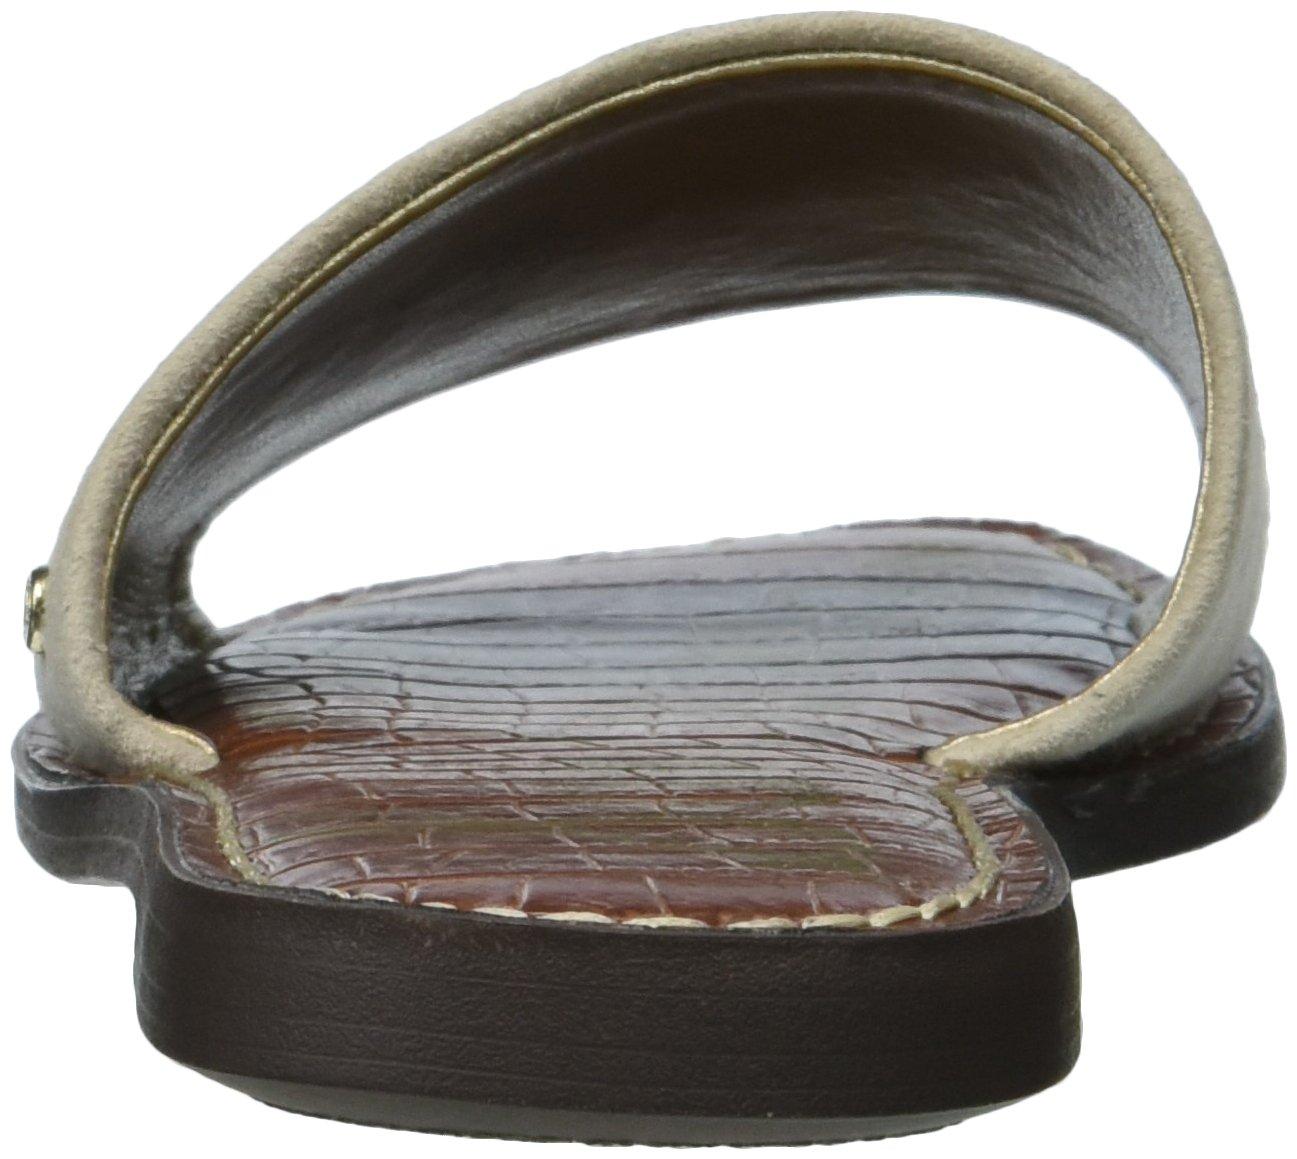 Sam Edelman Women's 7.5 Gio Slide Sandal B07745J2FS 7.5 Women's B(M) US Ivory 03753f